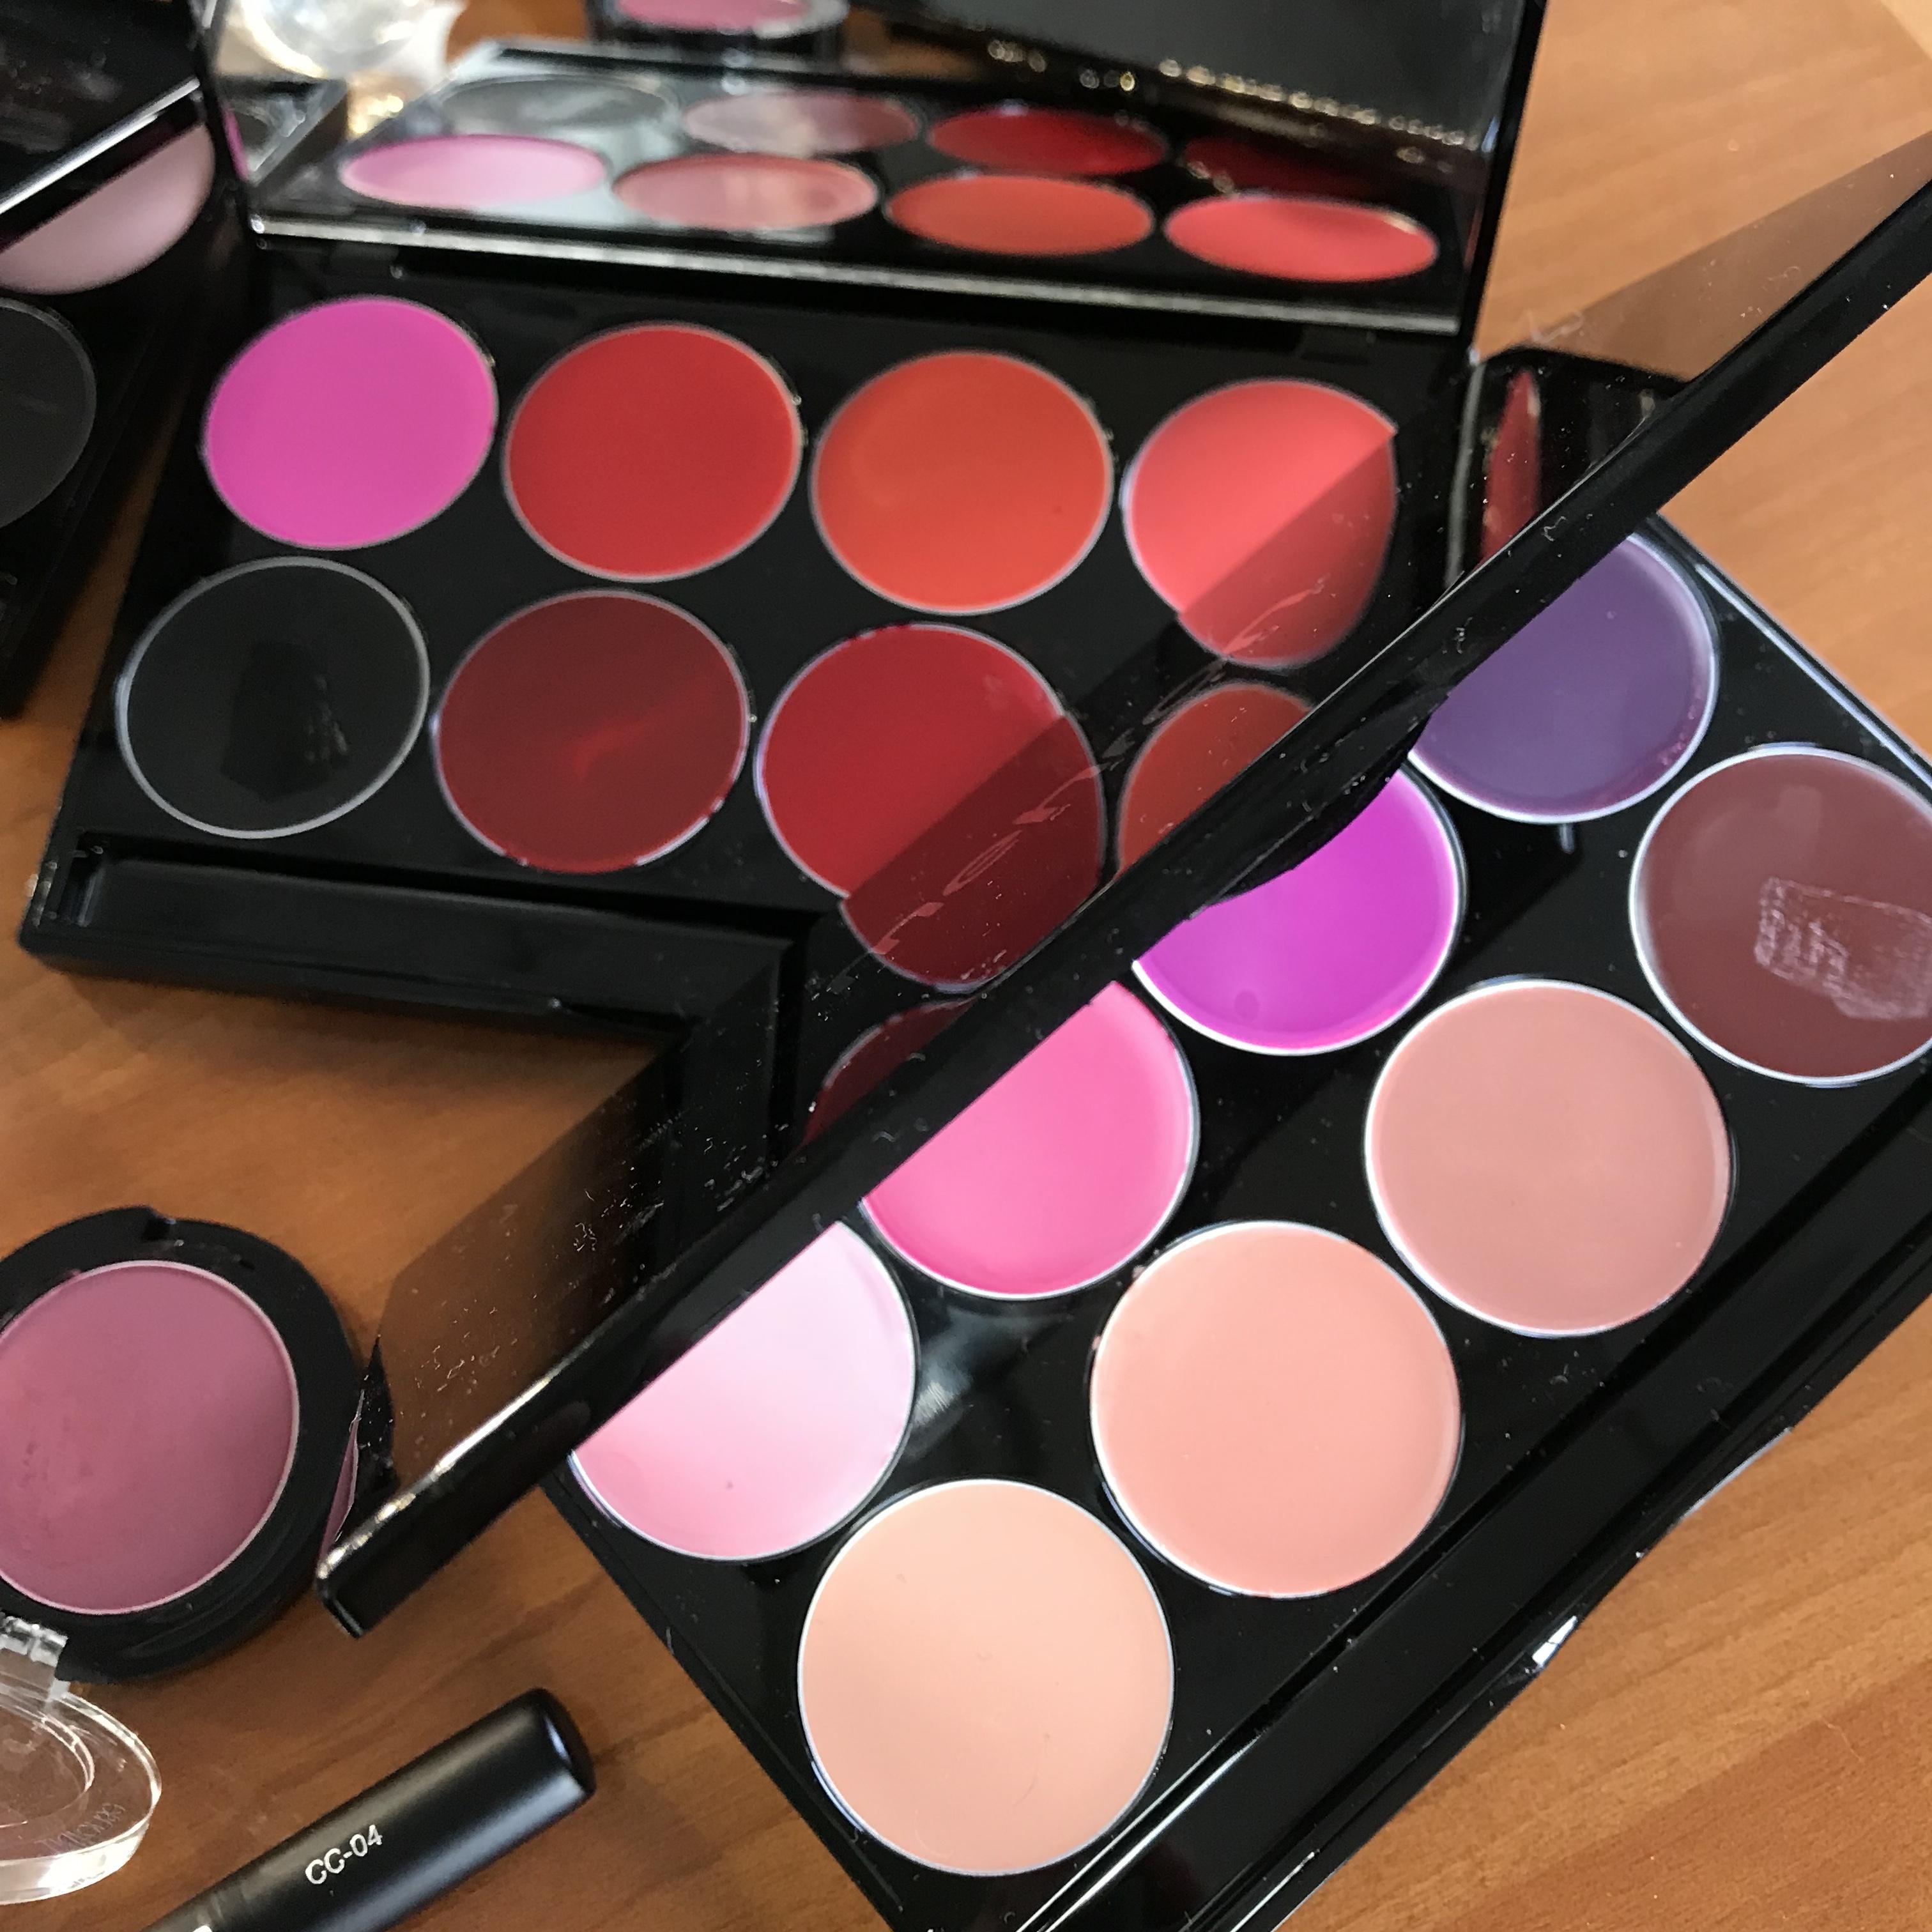 Coming Soon: New L.I.P Cream Colors - Mehron, Inc